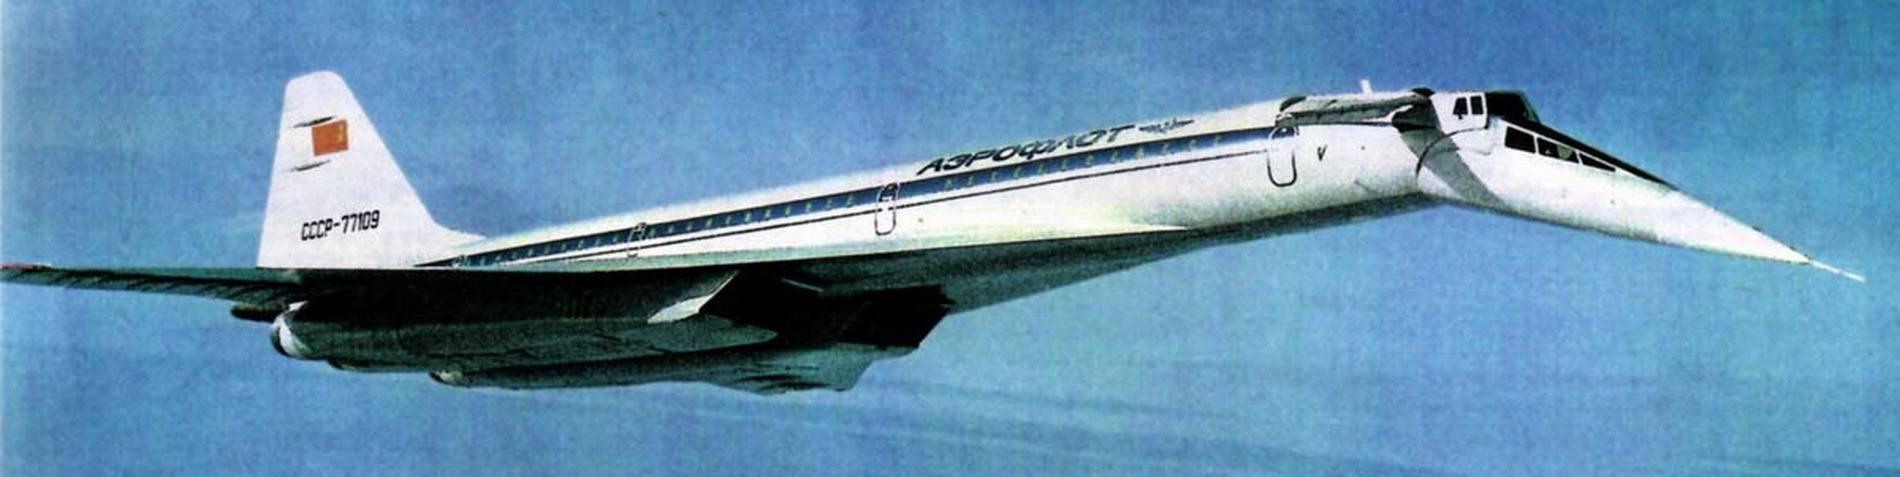 Реферативная работа «первый в мире сверхзвуковой пассажирский самолёт ту-144»